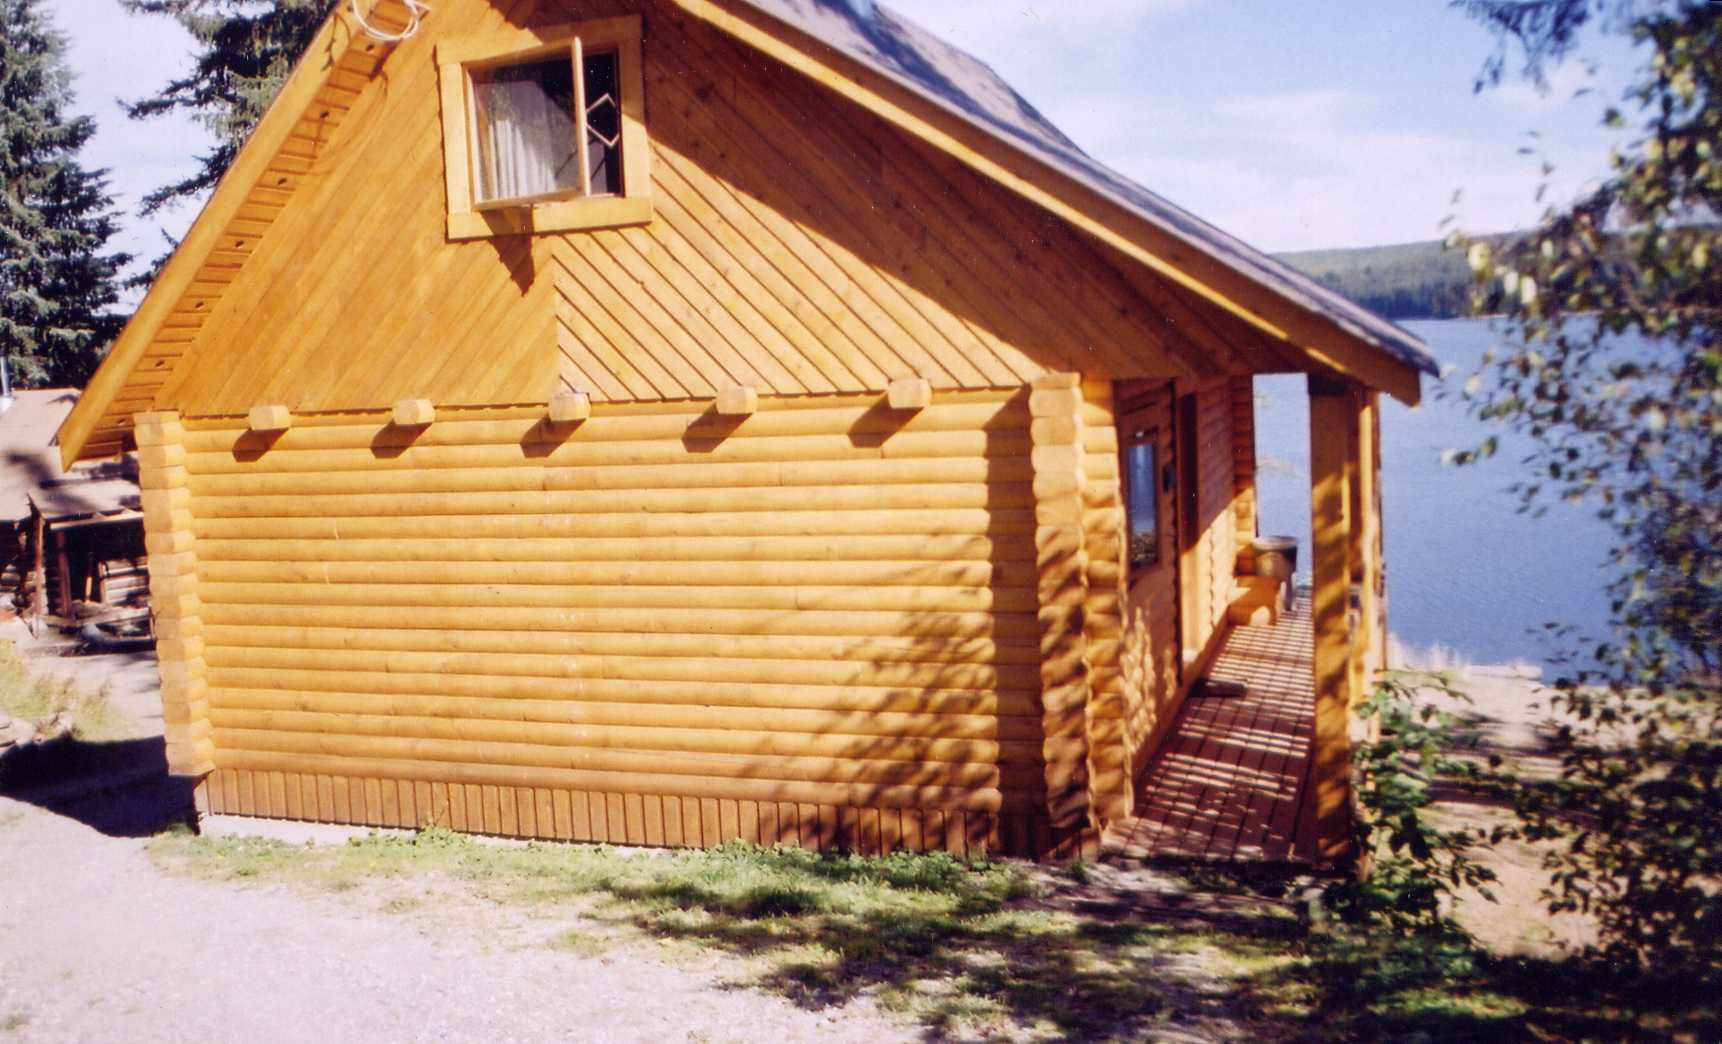 Cabin w/ sleeping loft & log floor beams